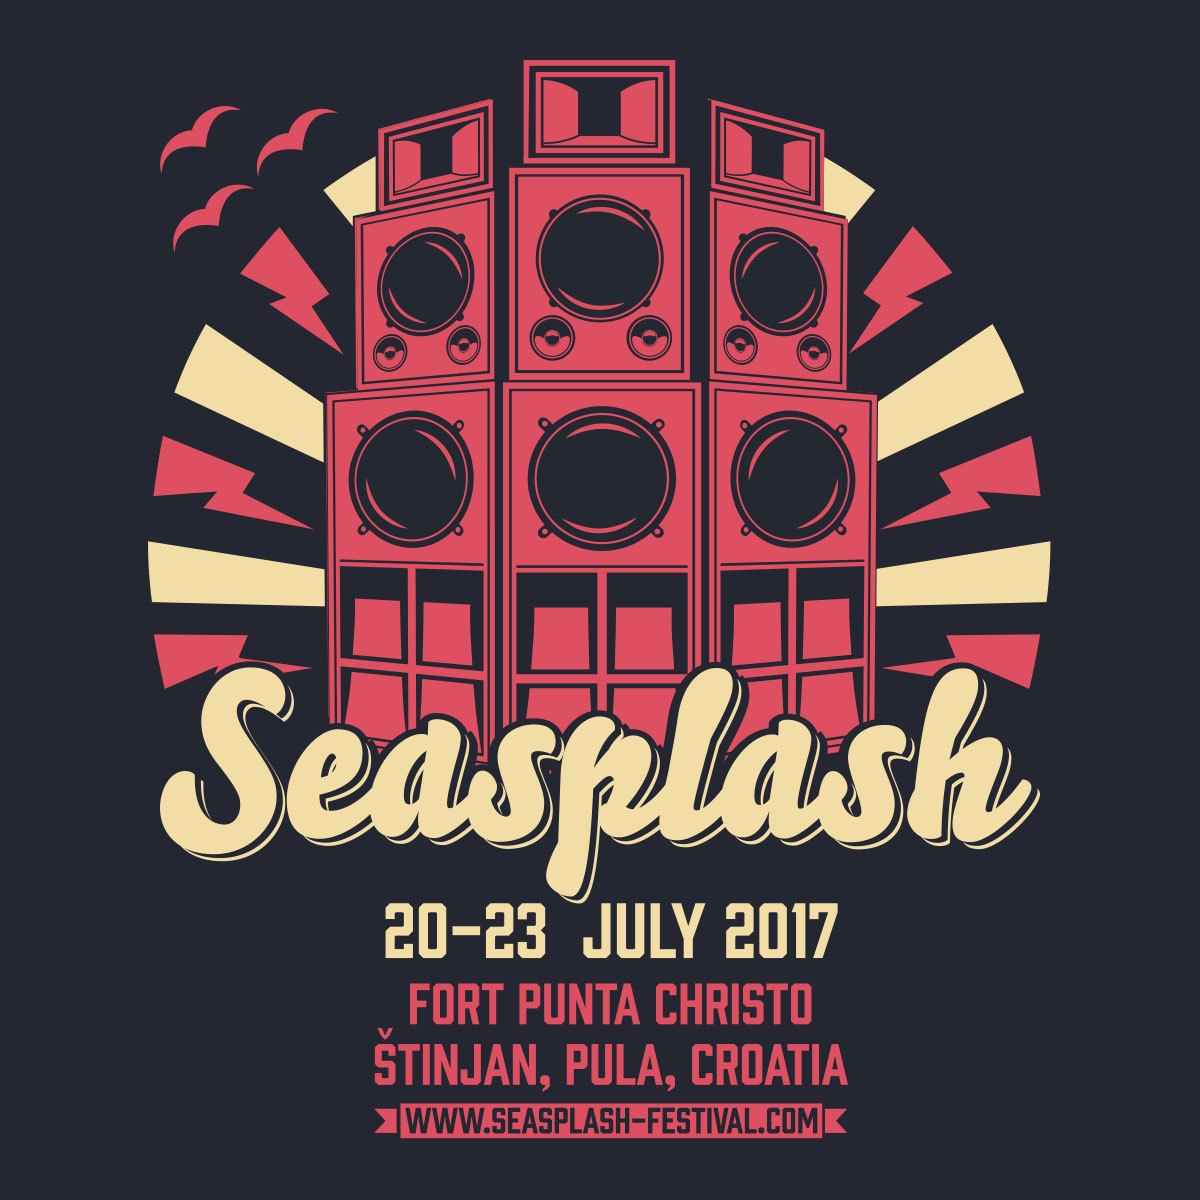 Seasplash 2017